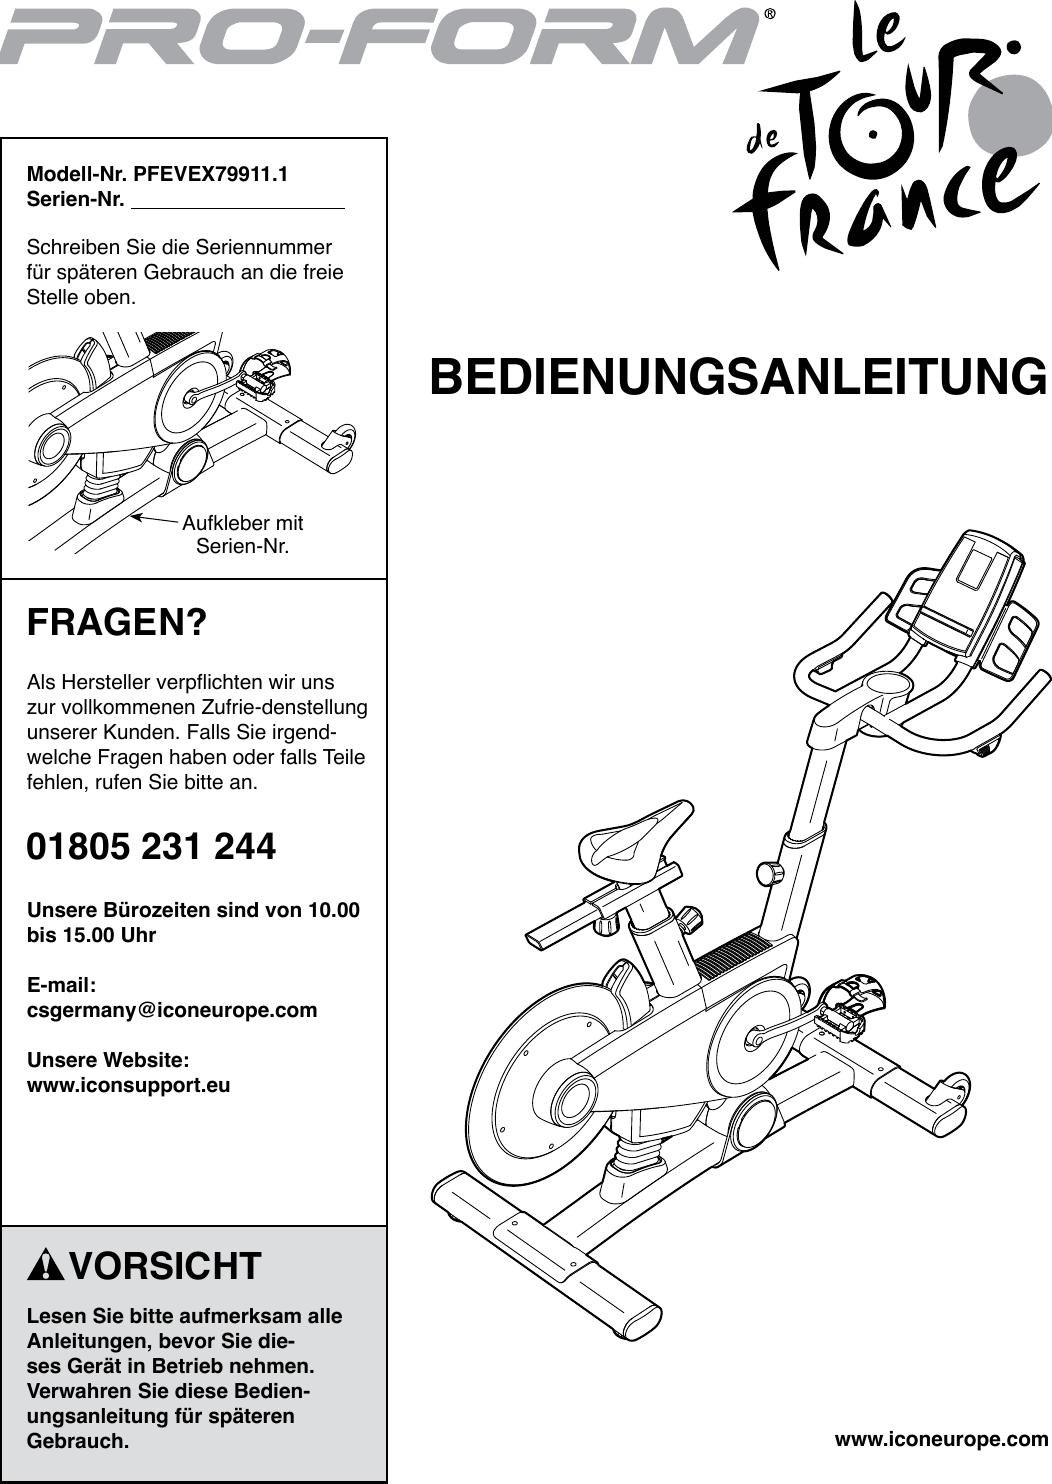 Proform Pfevex799111 Le Tour De France Bike Users Manual